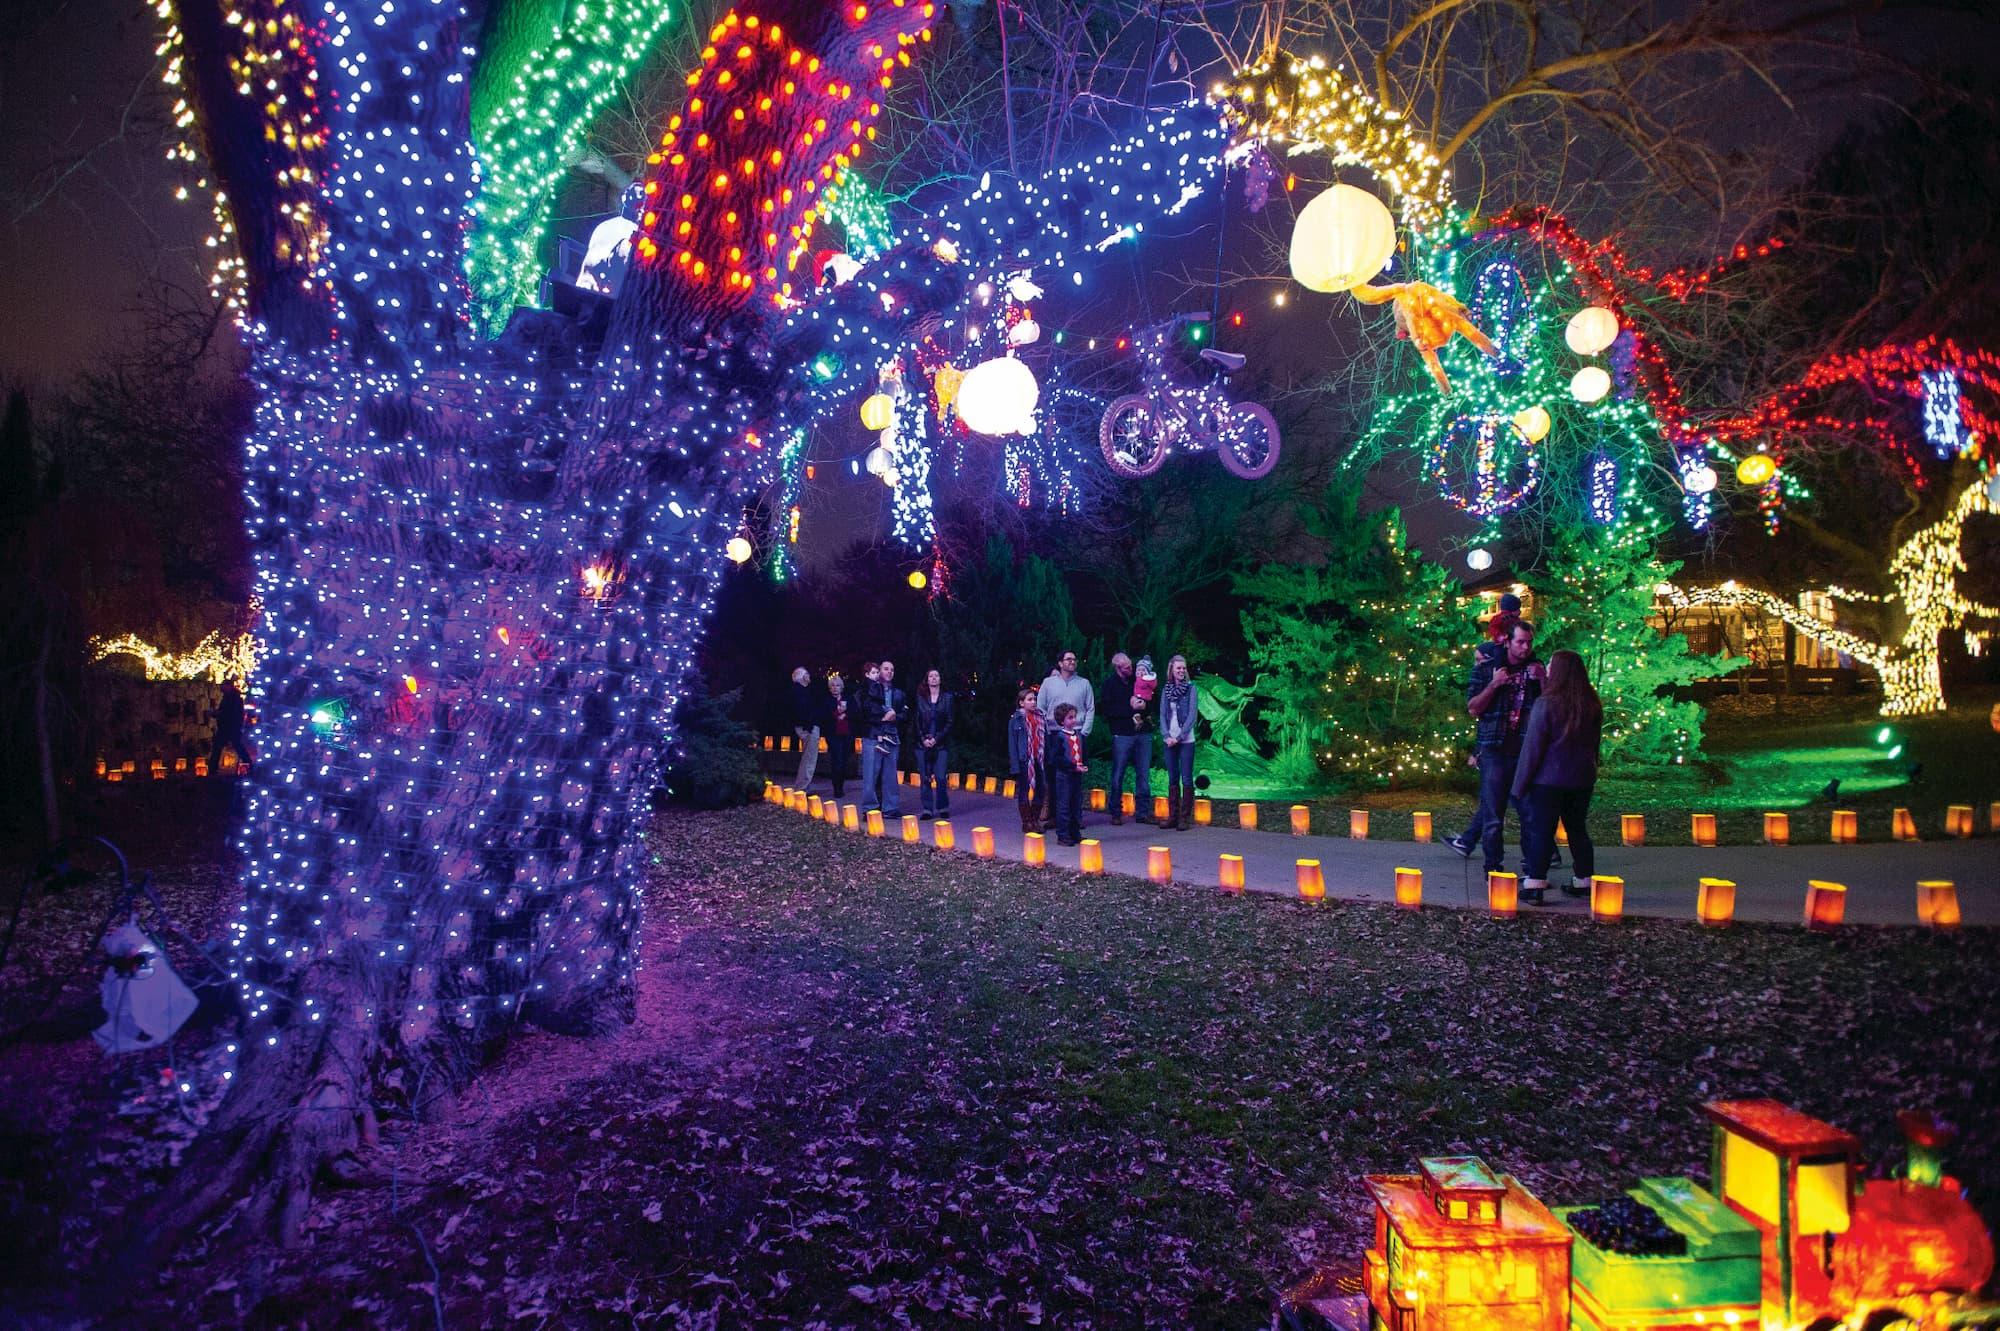 Christmas Light Wichita Ks 2021 Map Illuminations At Botanica Wichita Best Holiday Lights